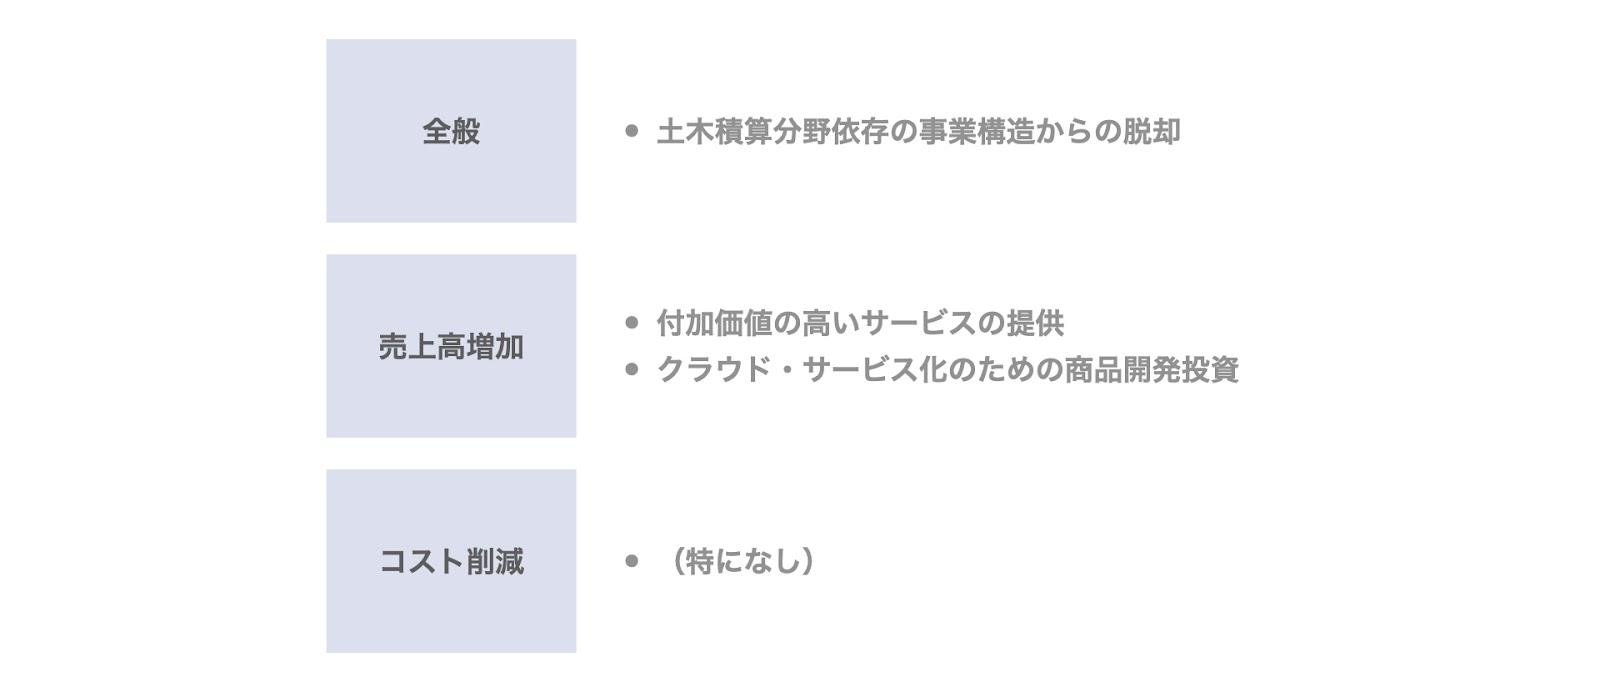 事例1. ビーイングのデットMBO(三重銀行)の非公開化後の経営方針